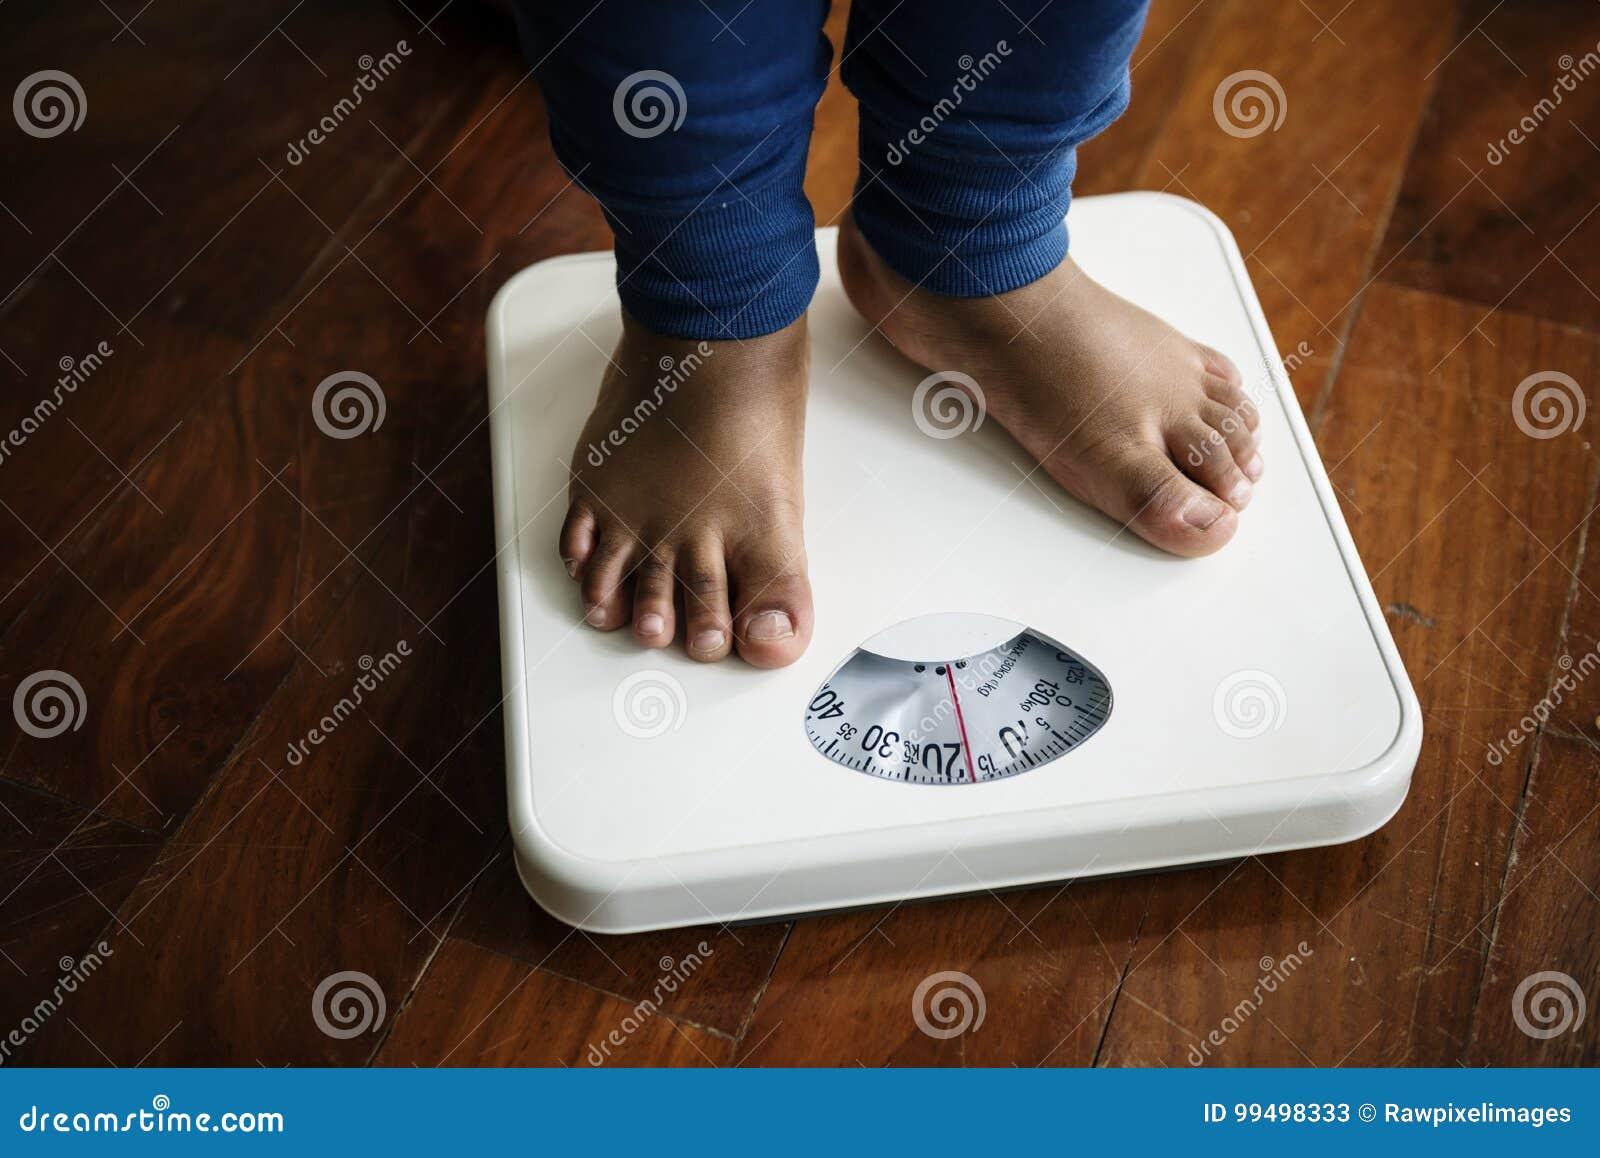 Il primo piano di un paio della gamba che misura sopra pesa la scala